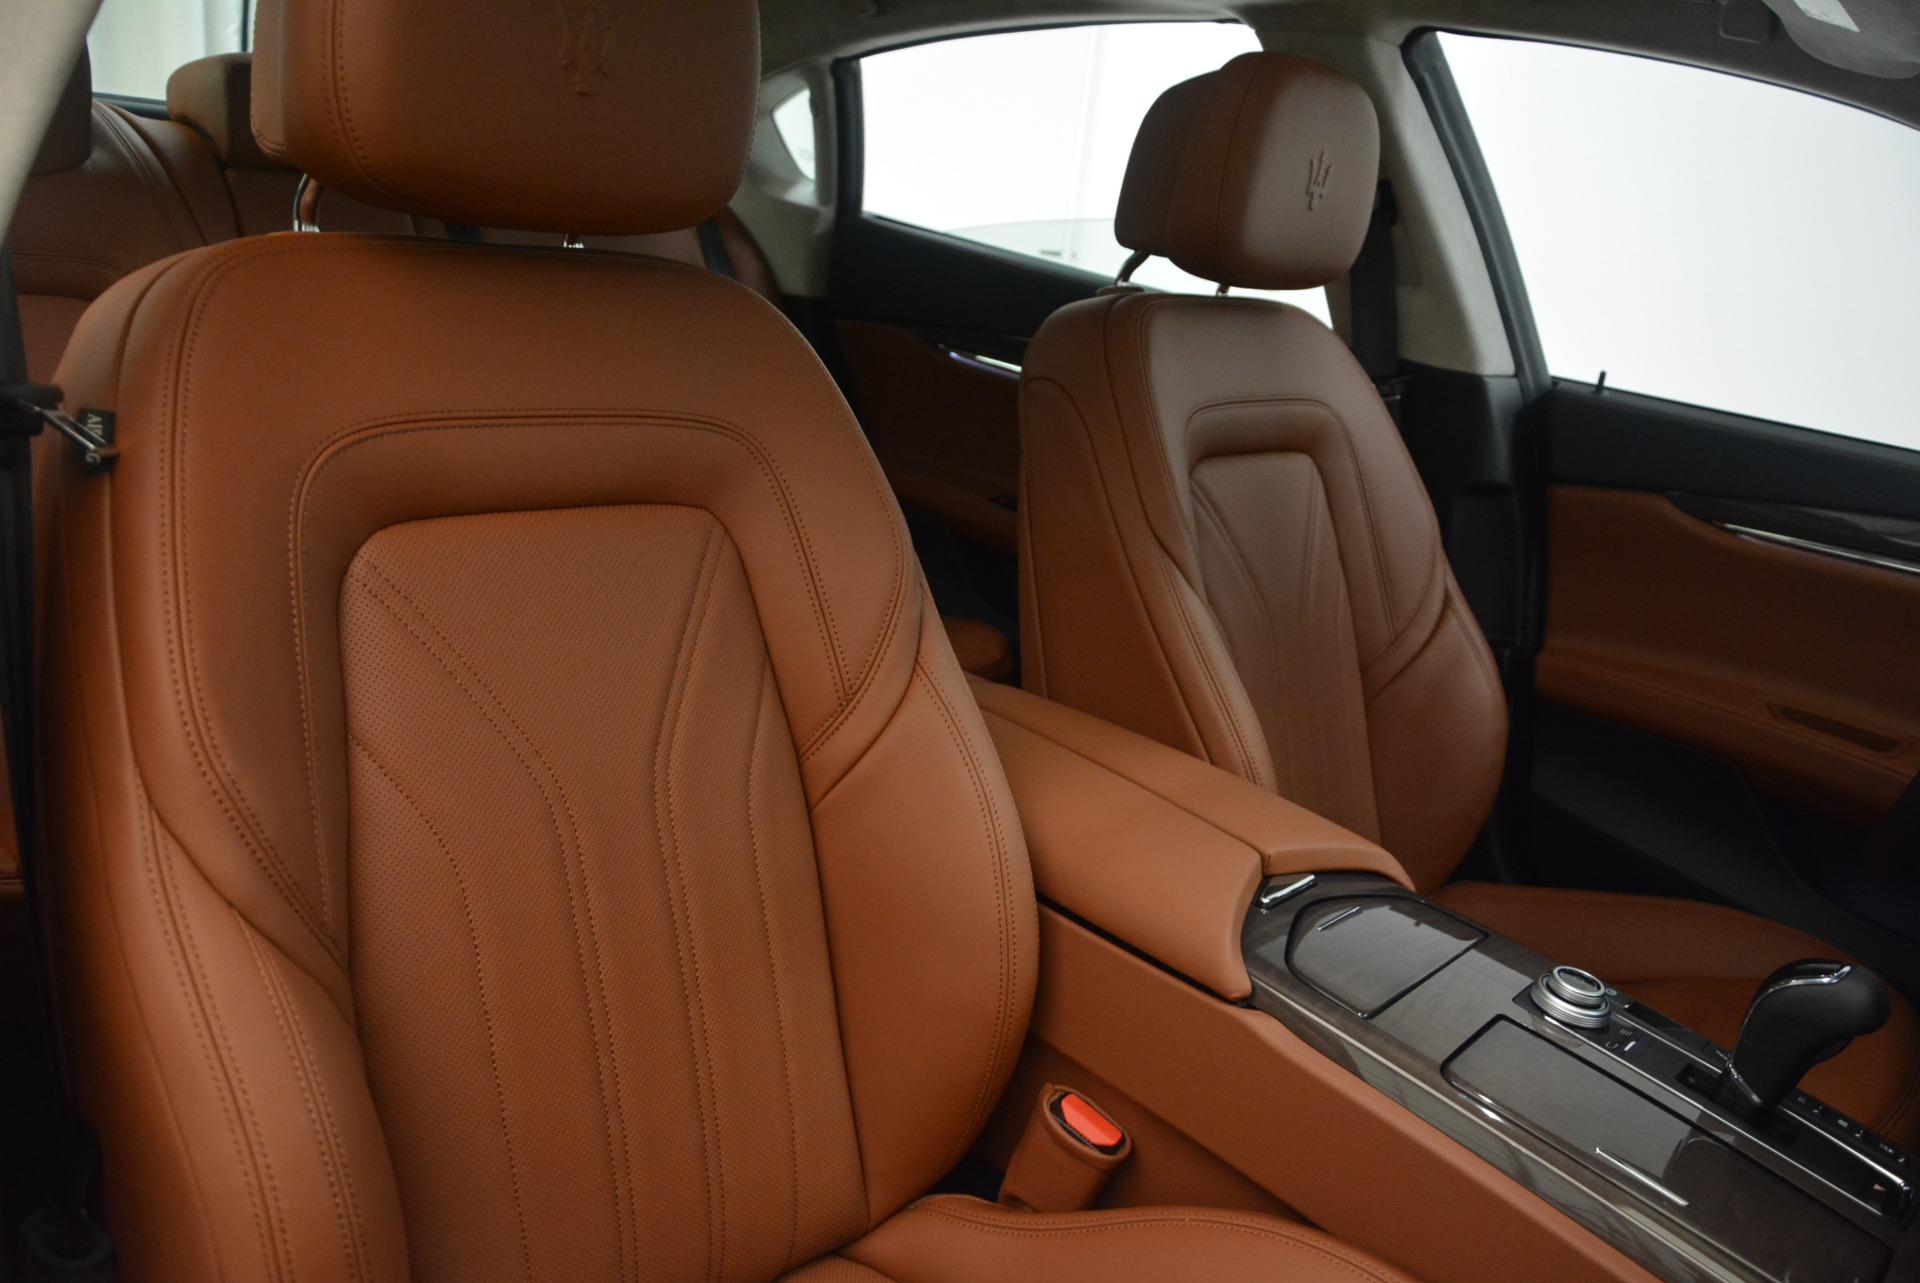 Used 2018 Maserati Quattroporte S Q4 GranLusso For Sale In Westport, CT 1572_p20